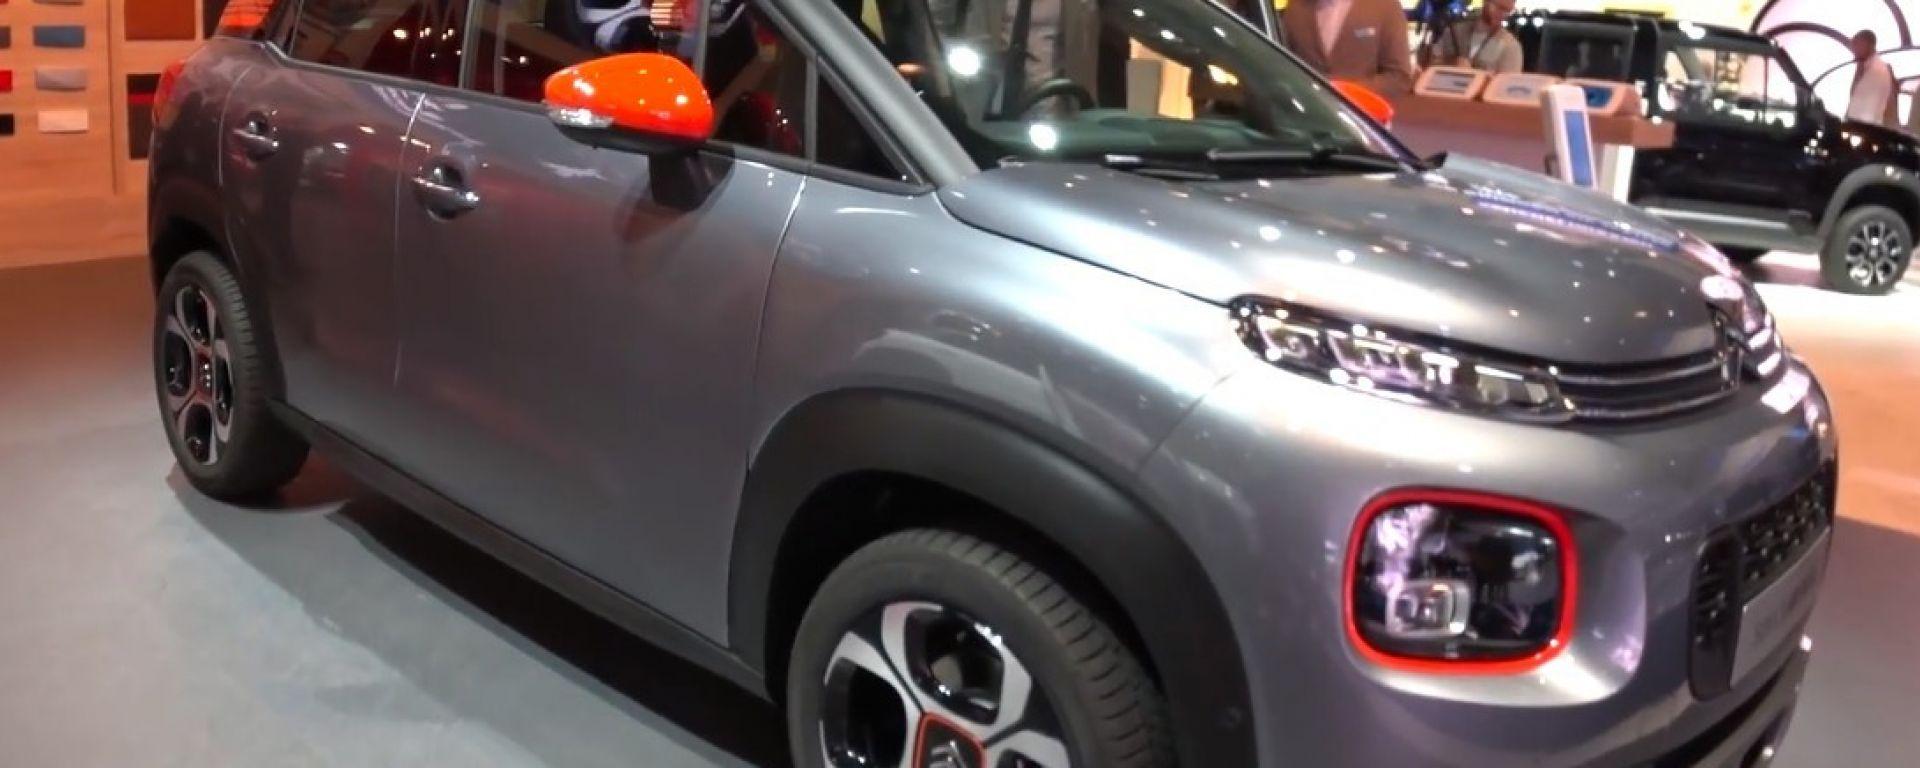 Citroen C3 Aircross 2017: il SUV compatto manda in pensione la C3 Picasso